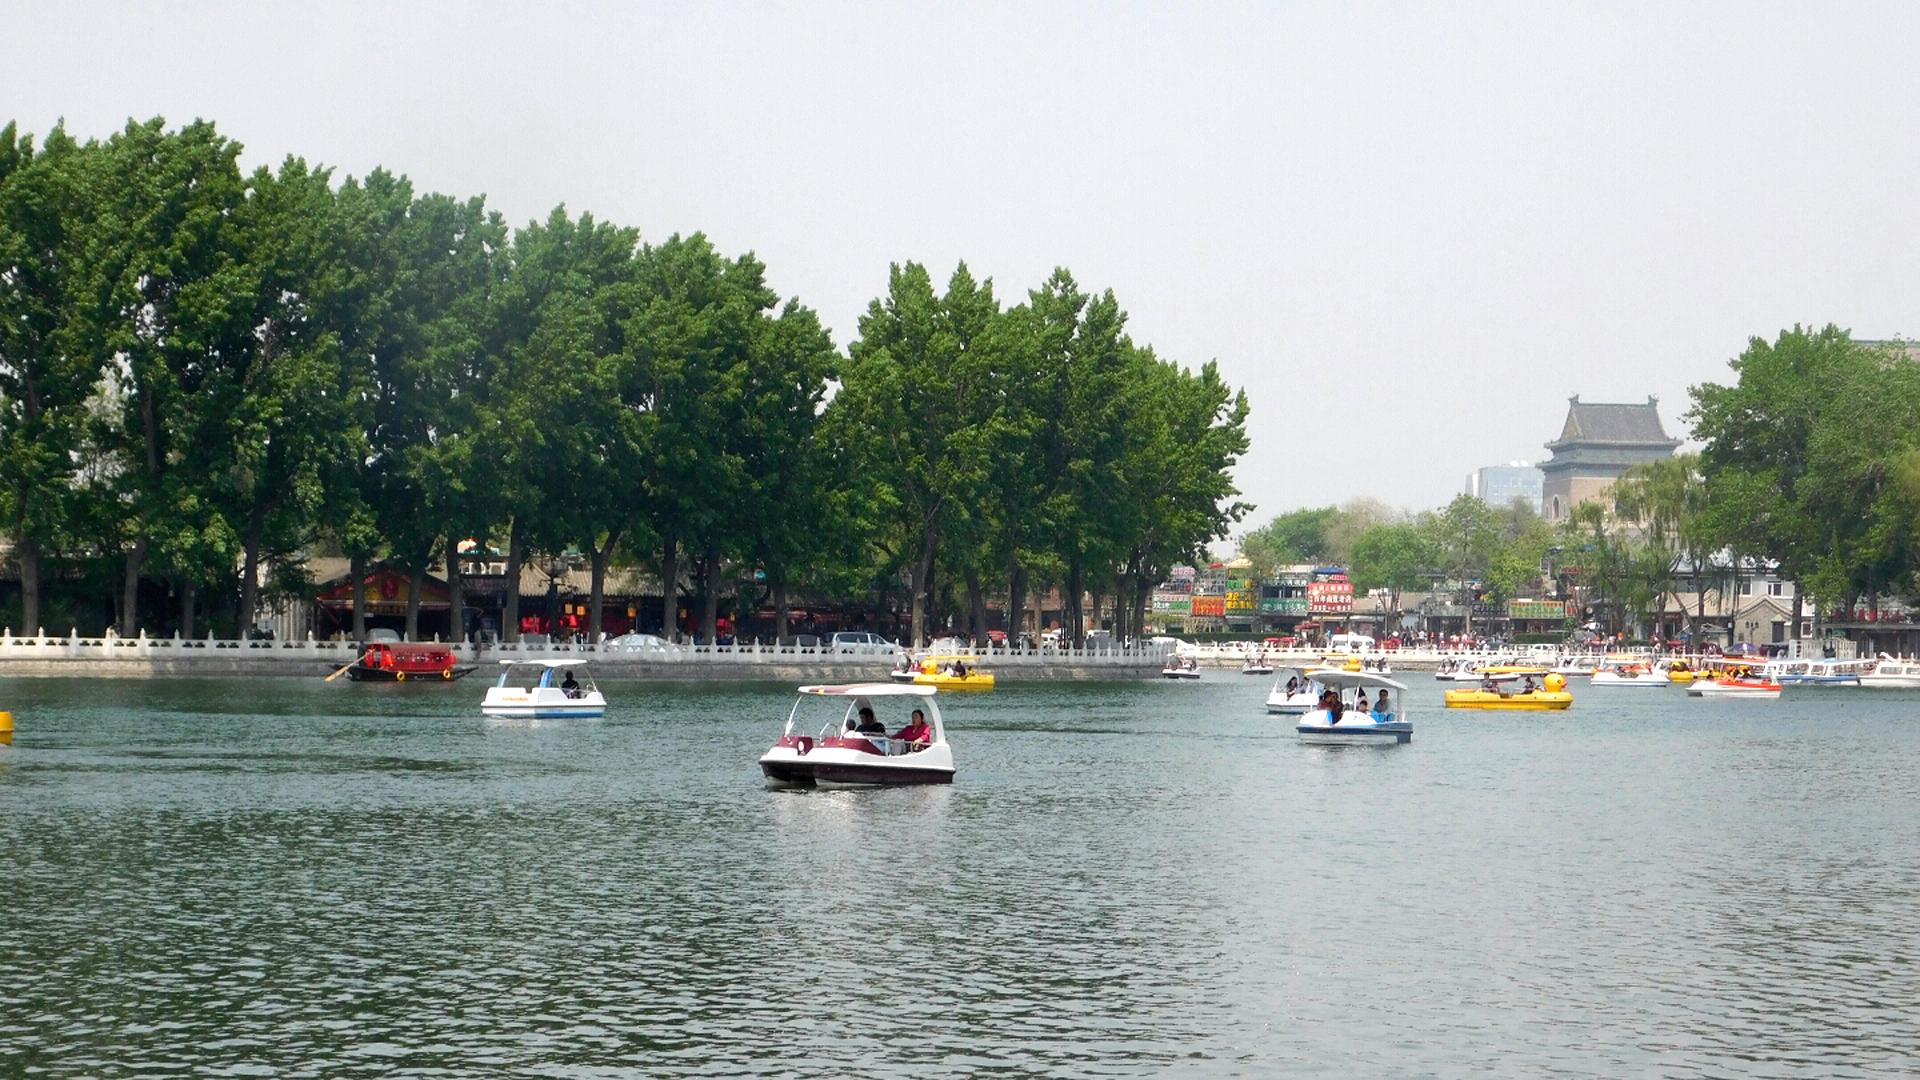 Die Seen kann man auch mit Tretbooten erkunden!